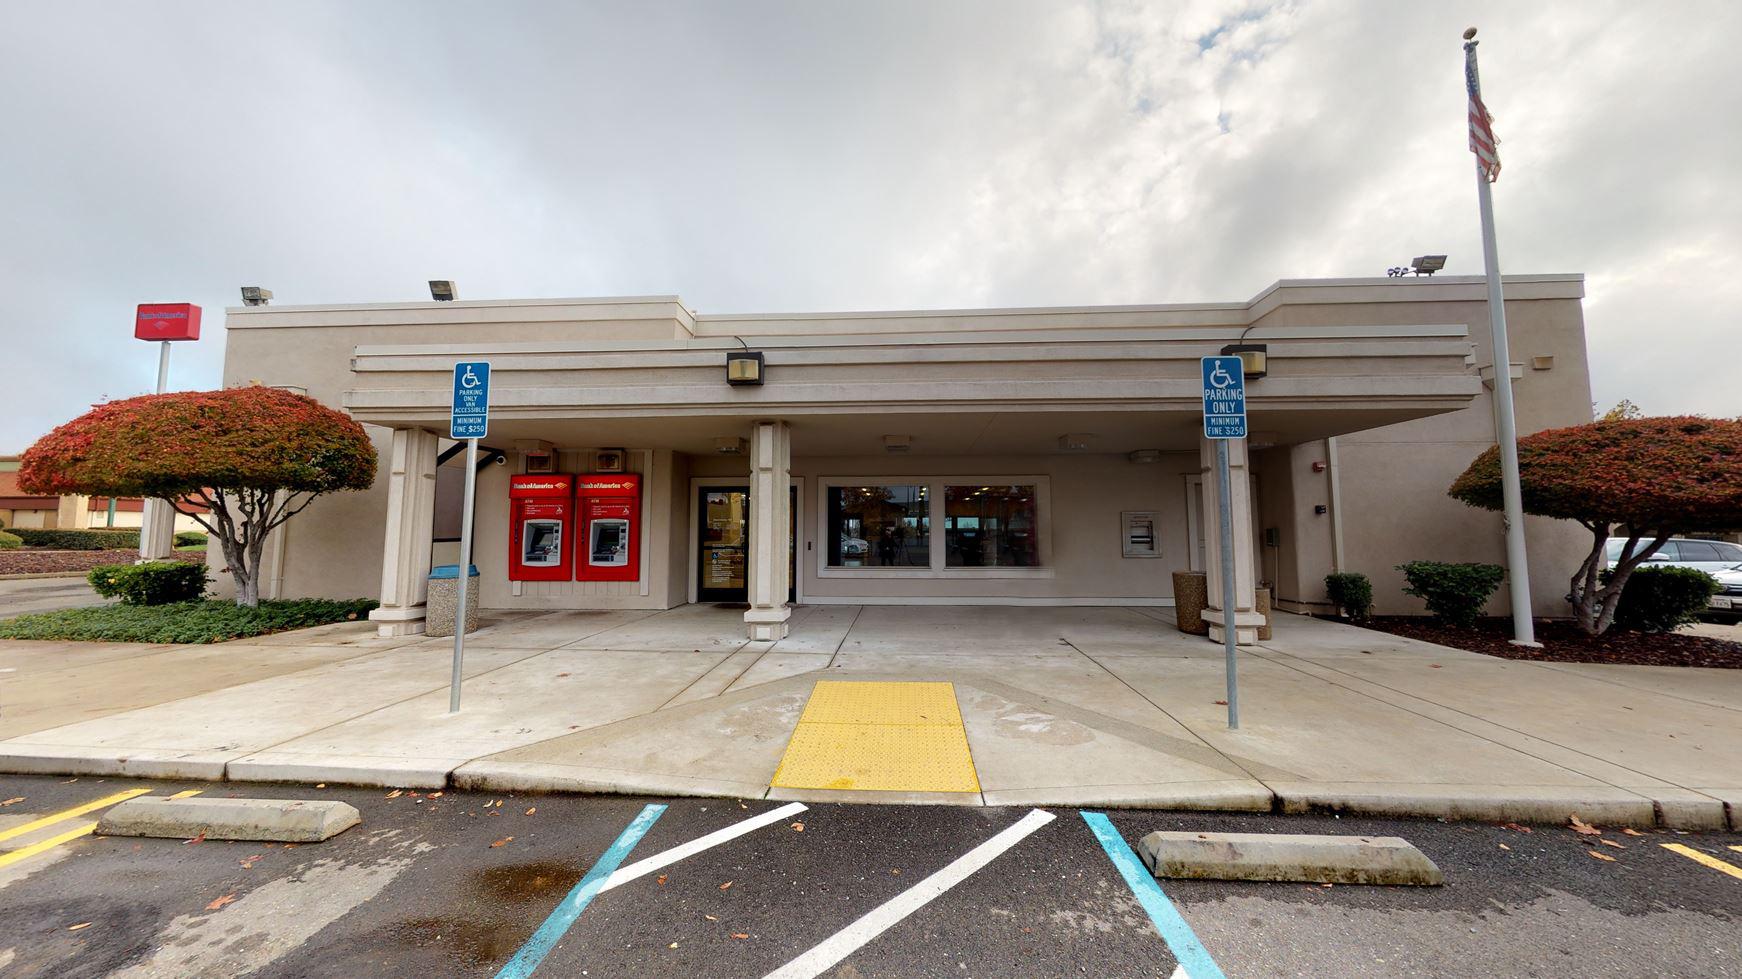 Bank of America financial center with drive-thru ATM | 4070 Cameron Park Dr, Cameron Park, CA 95682